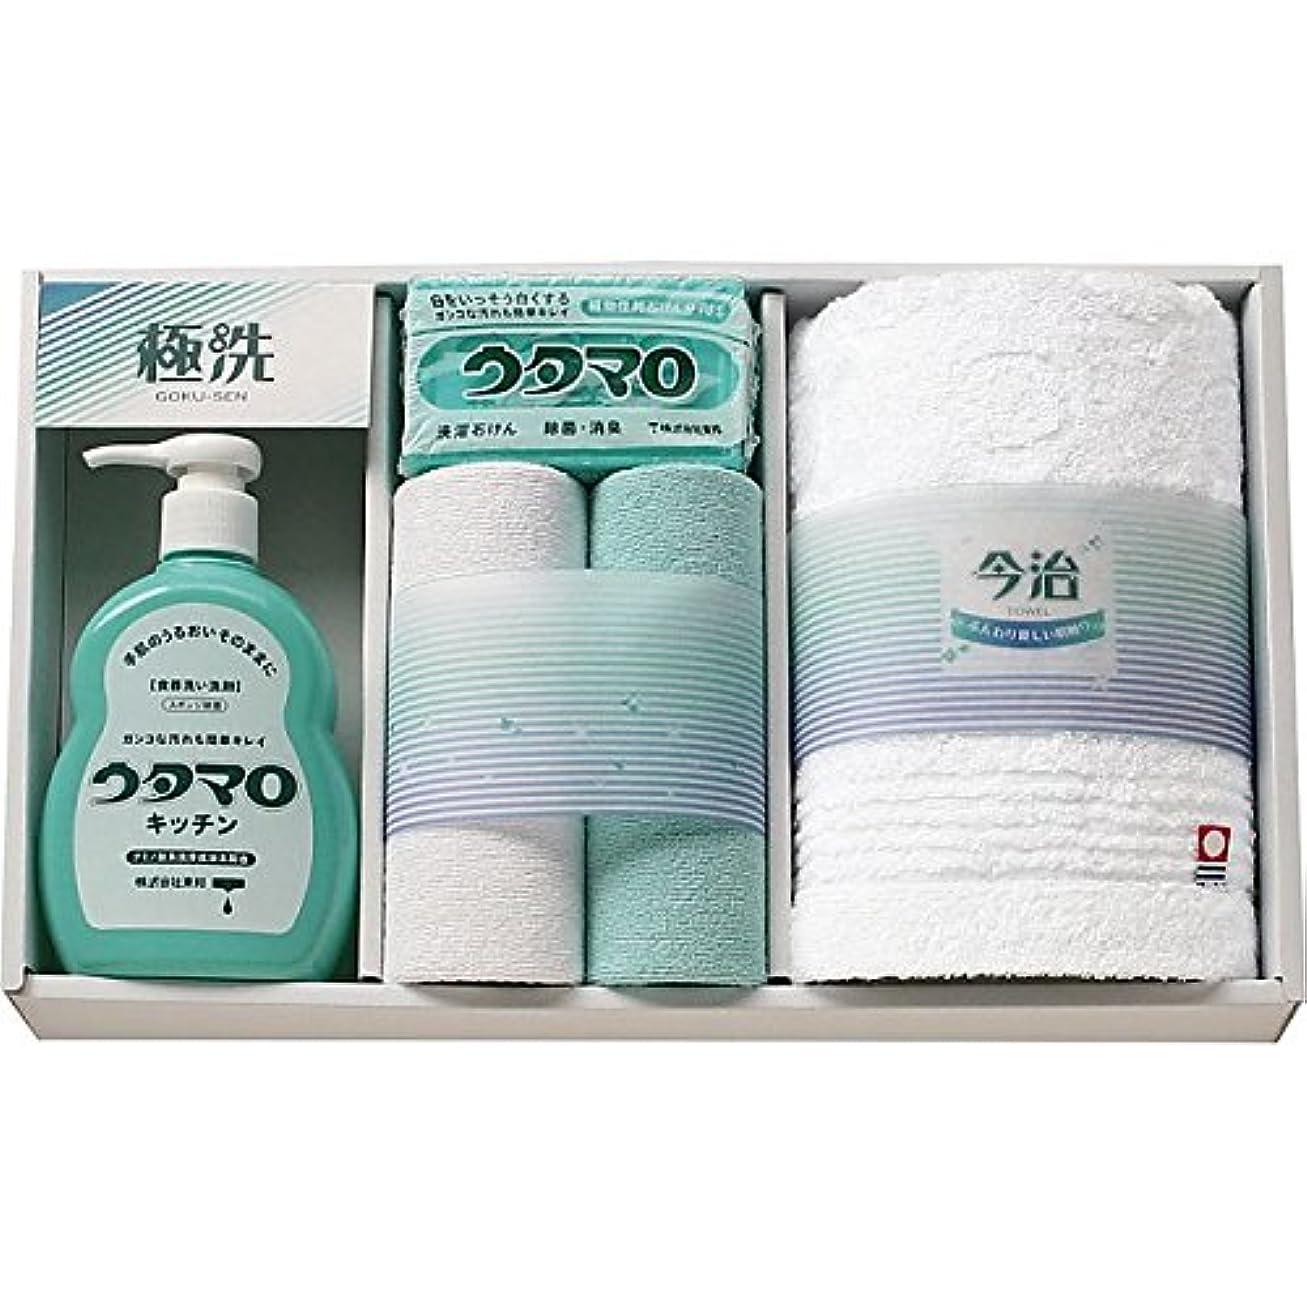 不潔謝罪する代名詞( ウタマロ ) 石鹸?キッチン洗剤ギフト ( 835-1055r )